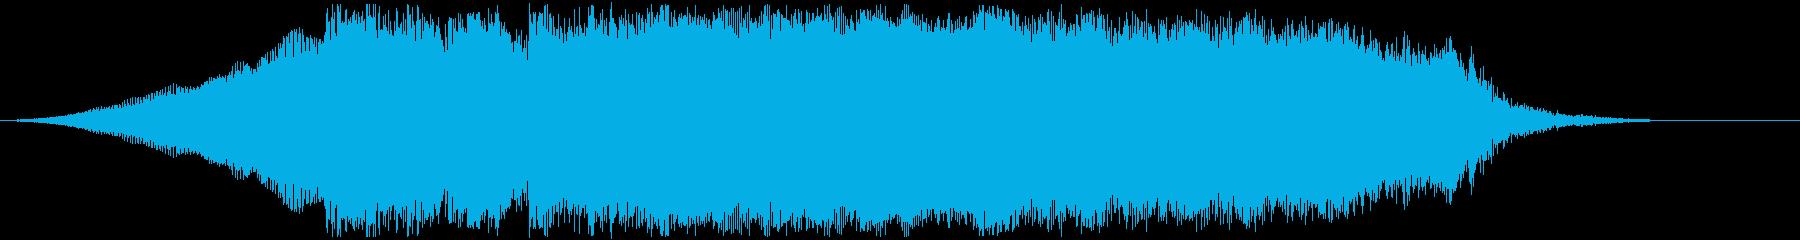 ジングルやOPタイトル用ヘヴィギターの再生済みの波形